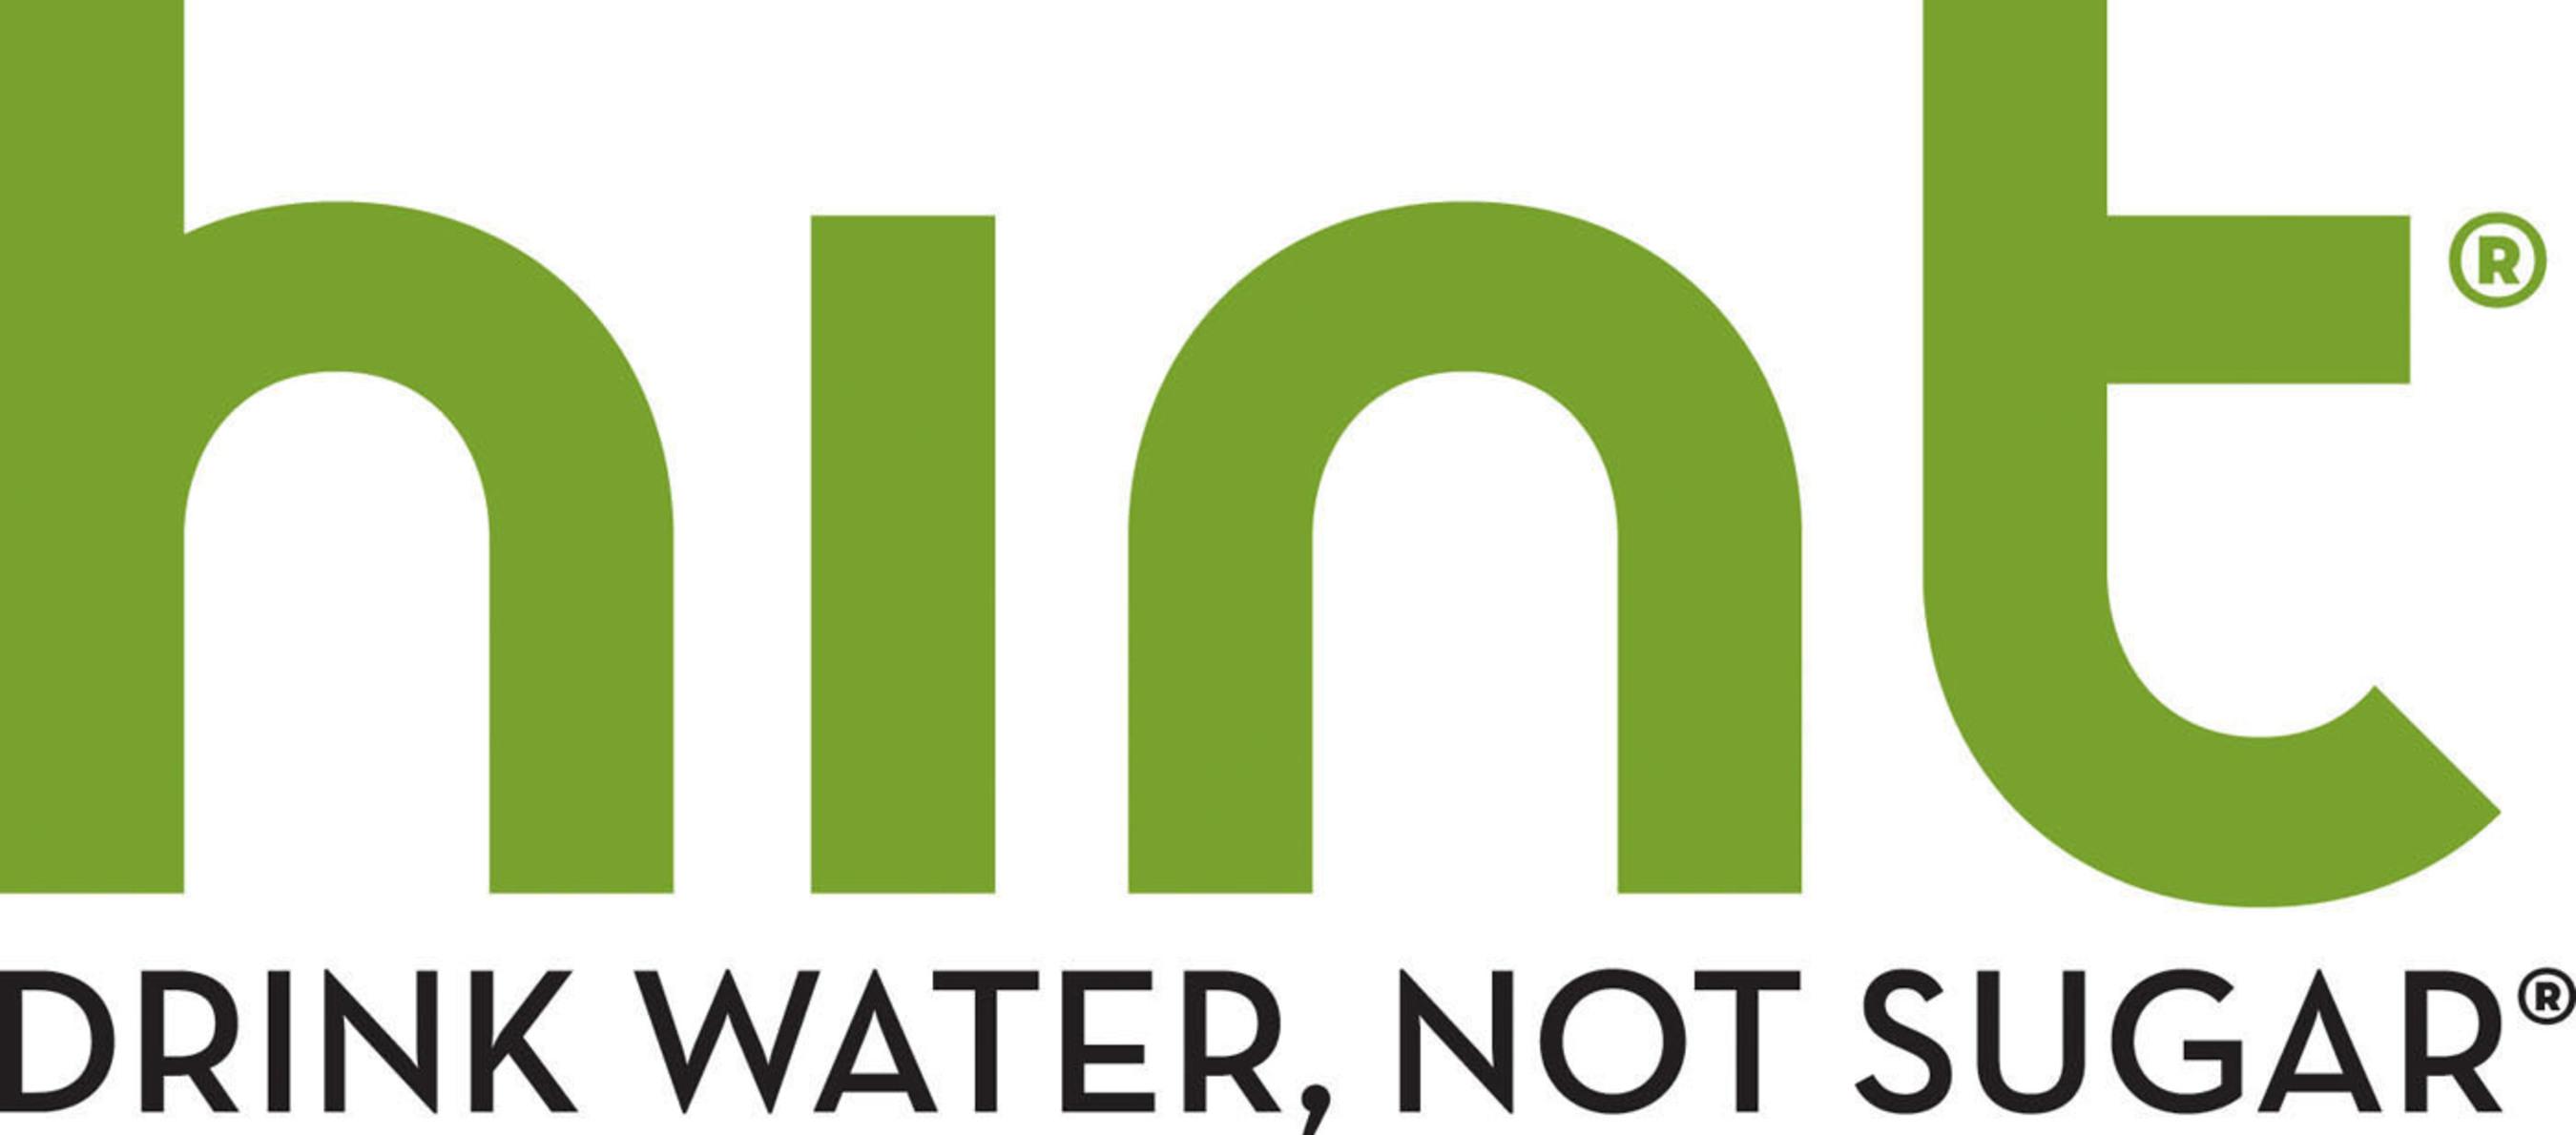 hint, Inc. logo. (PRNewsFoto/hint, Inc.) (PRNewsFoto/HINT, INC.)